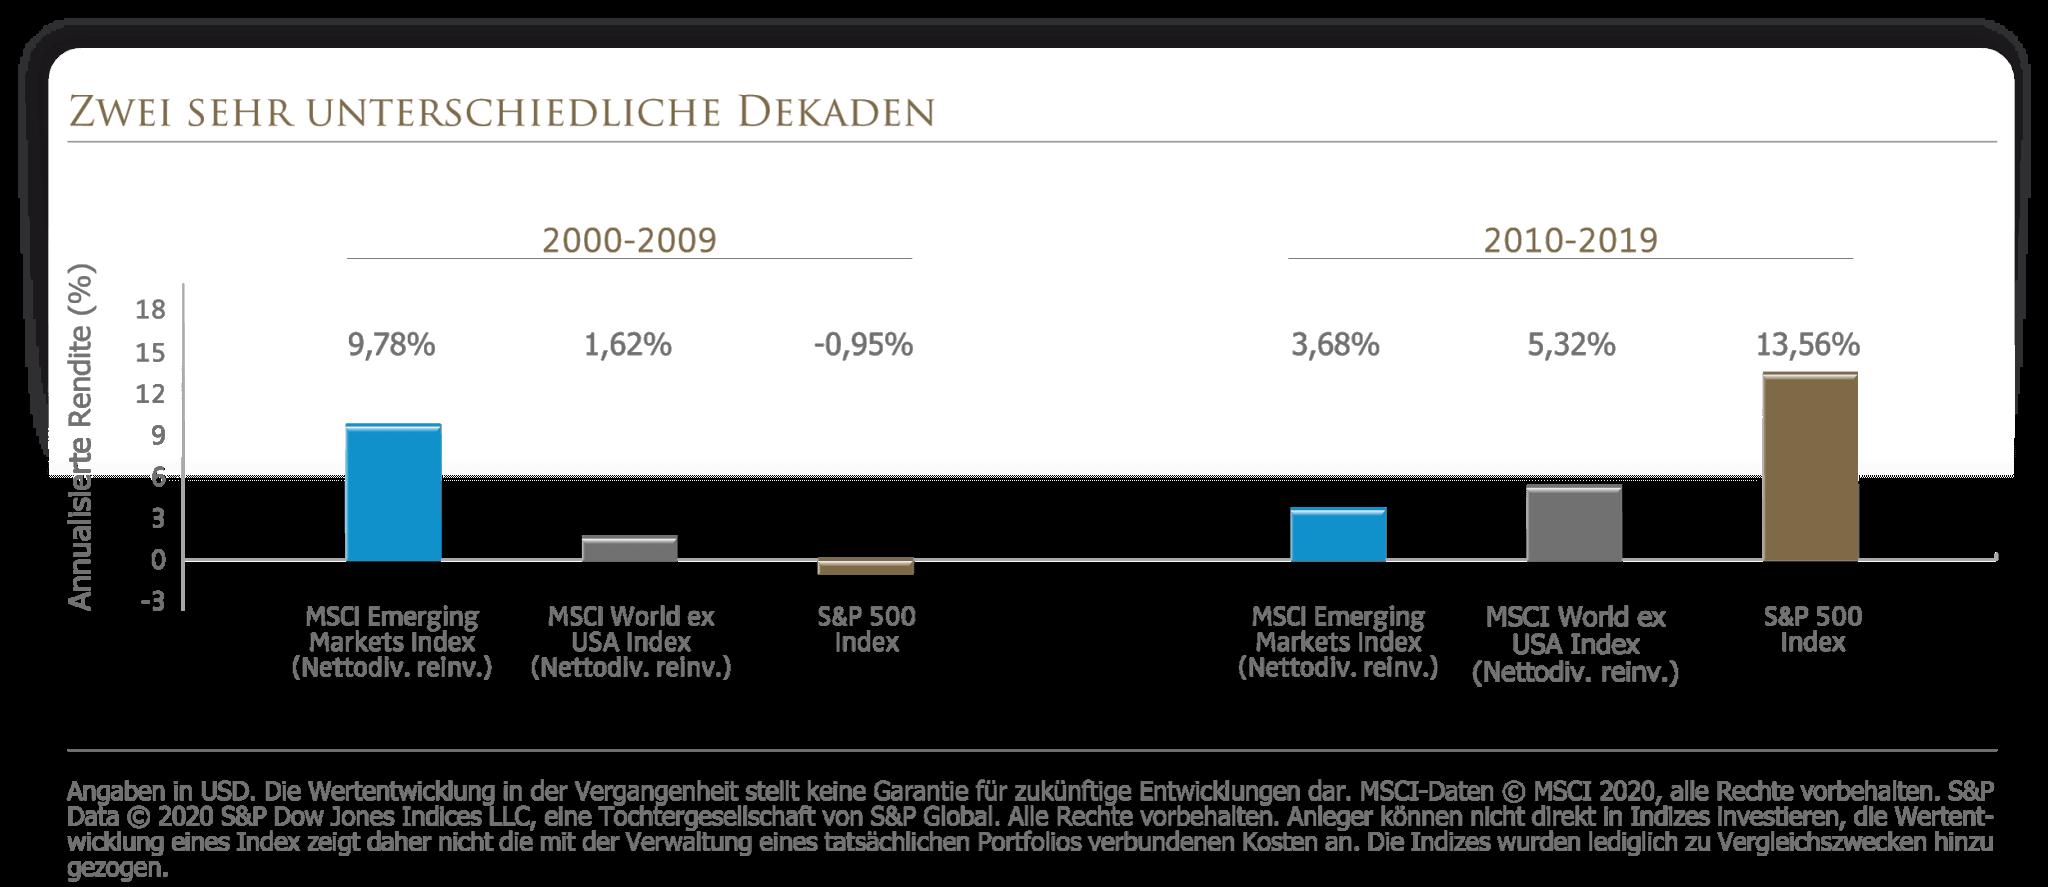 Vergleich der Erging Markets mit den entwickelten Märkten